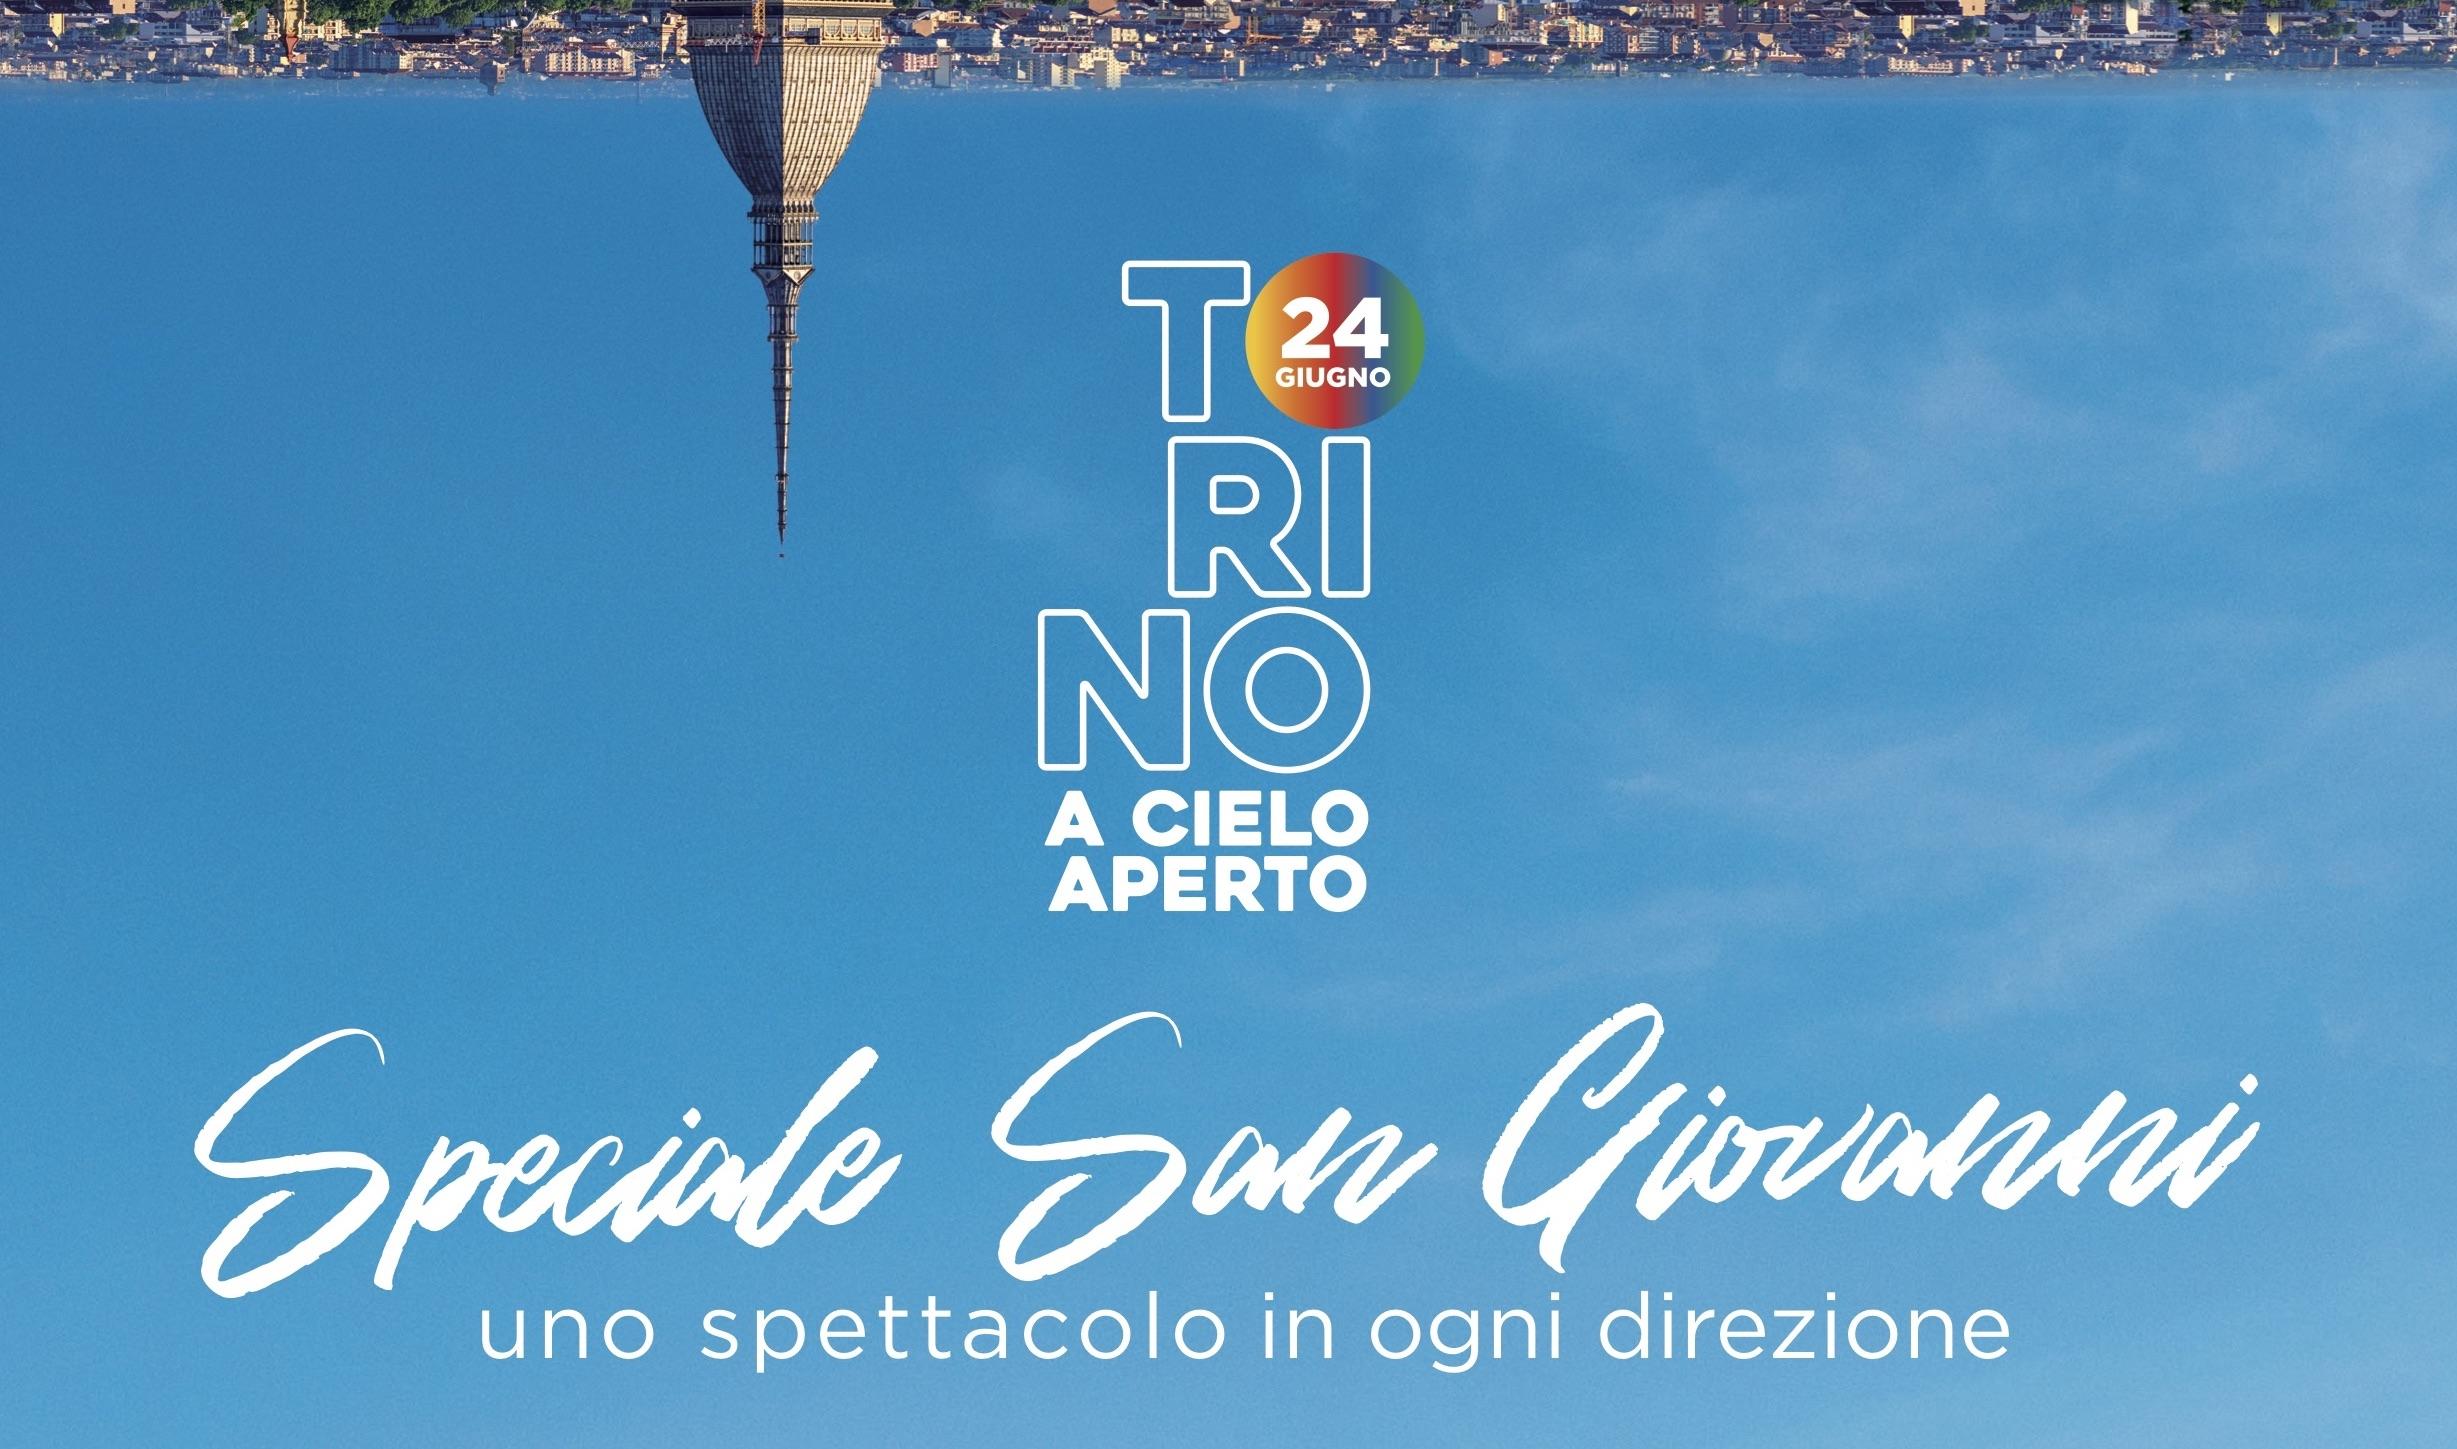 CELEBRAZIONI - San Giovanni 2021, tutti gli eventi di Torino